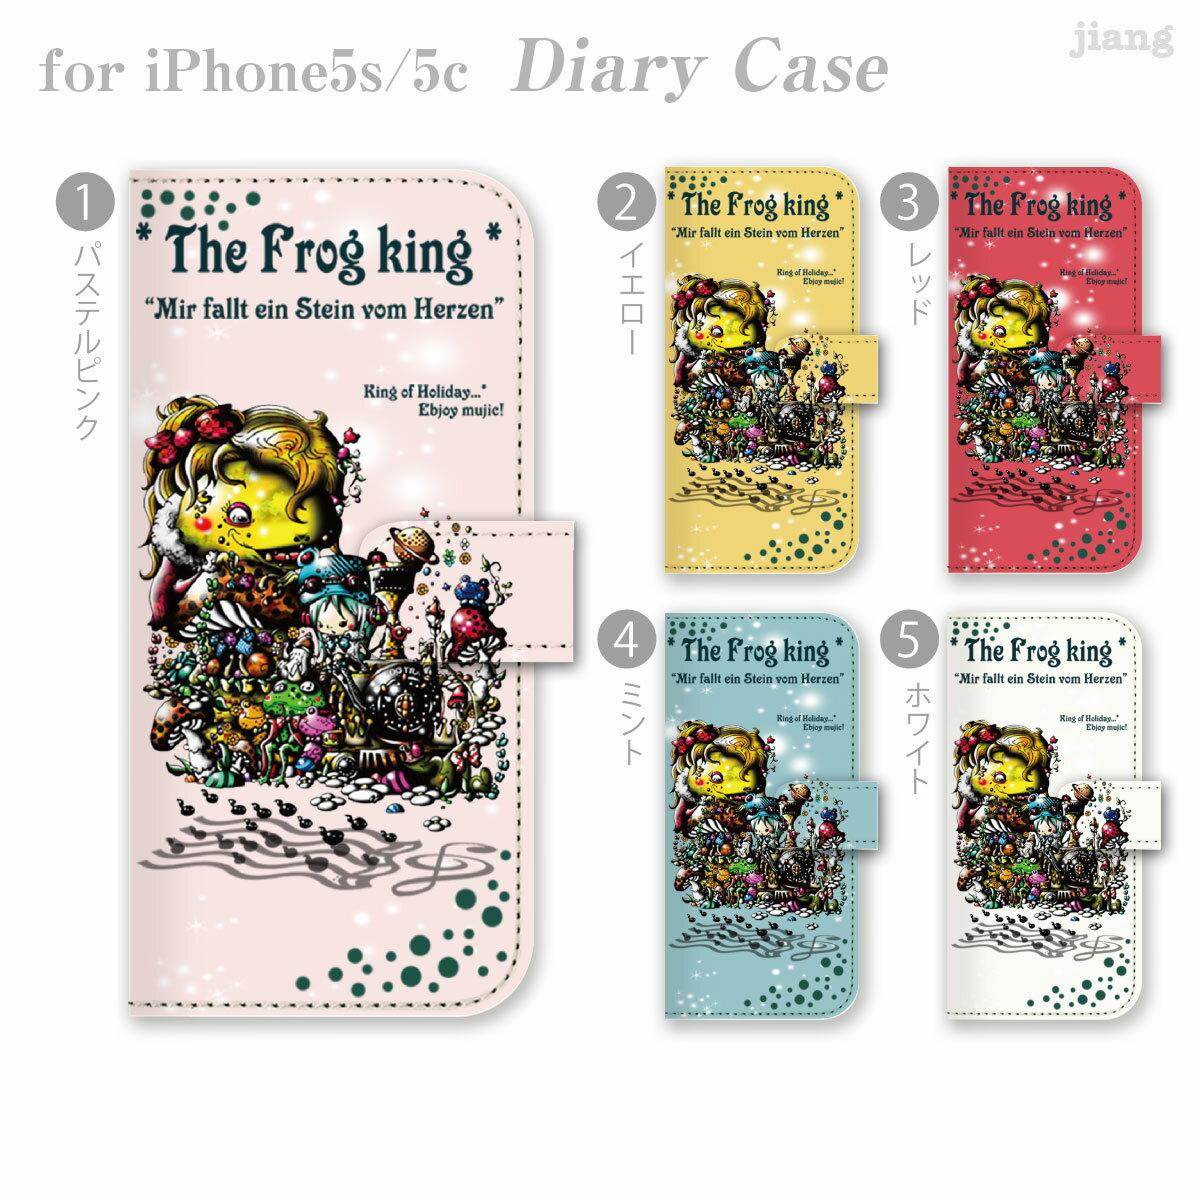 スマホケース 手帳型 全機種対応 手帳 ケース カバー iPhone7ケース iPhone7 iPhone6s iPhone6 Plus iPhone SE iPhone5s Xperia XZ SO-01J X Performance SO-04H Z5 Z4 Z3 SO-02H SOV34 かわいい Little World グリム童話 カエルの王様 25-ip5-ds0003